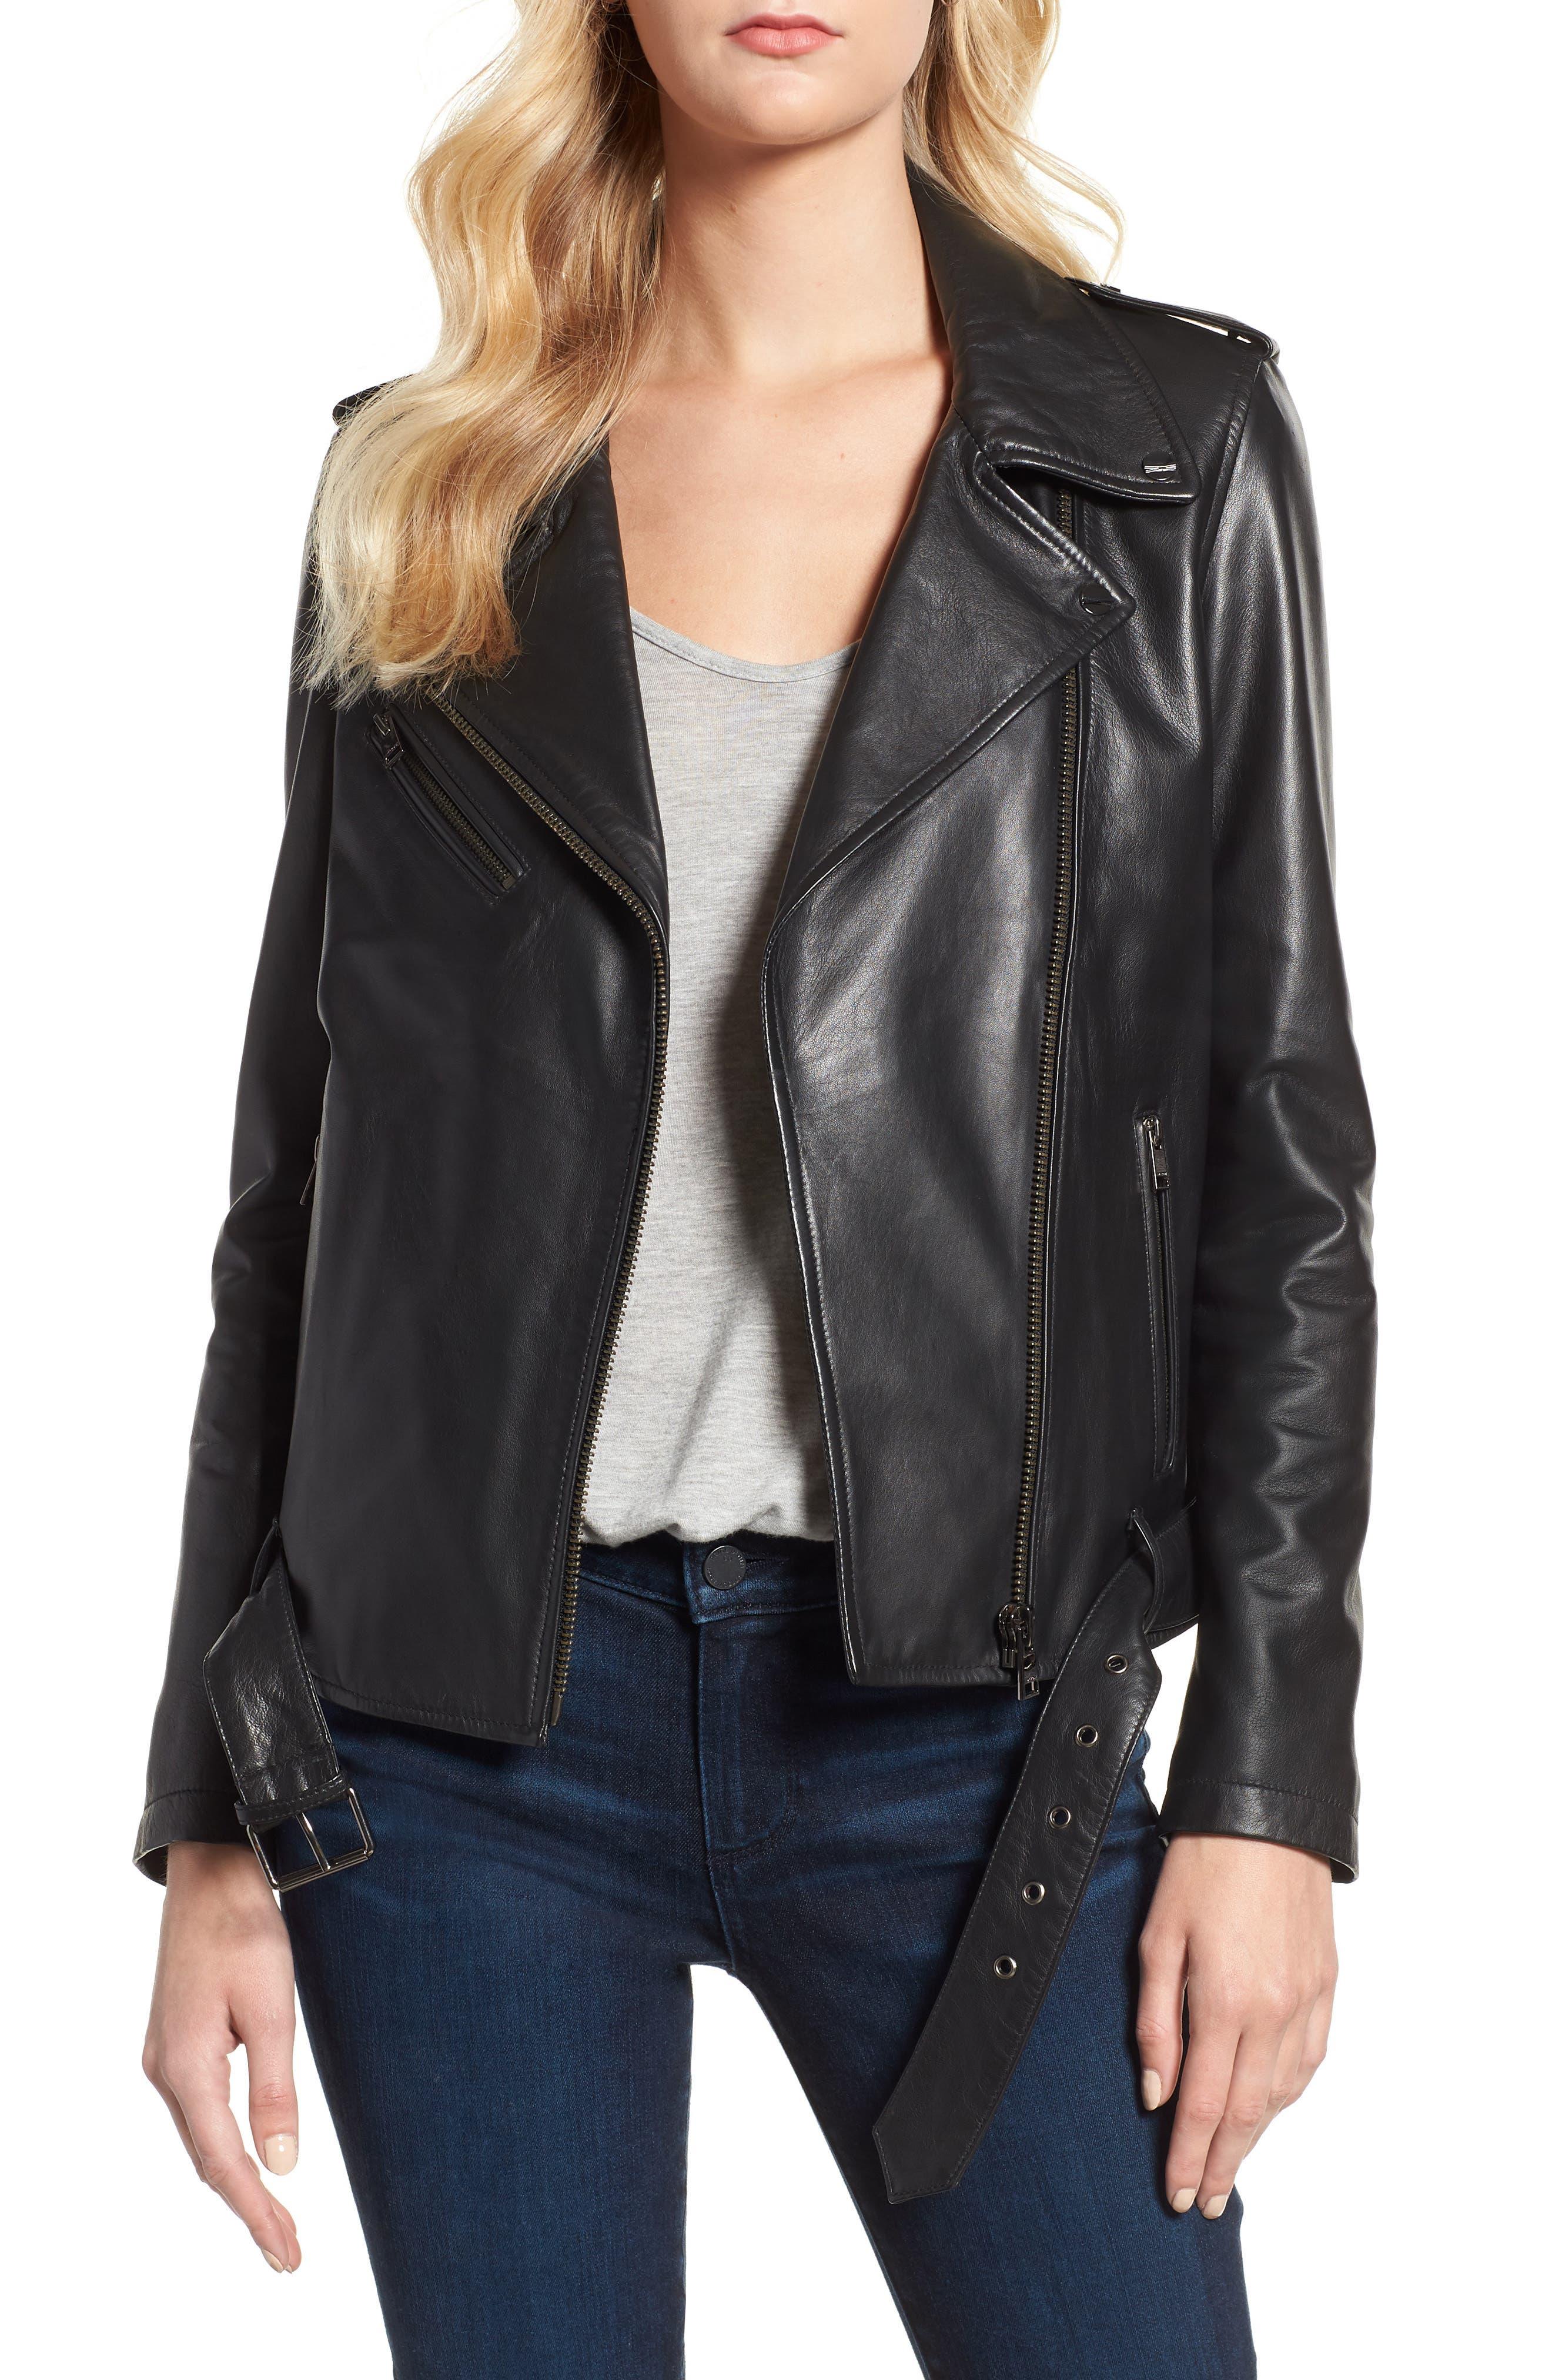 LAMARQUE Belted Leather Biker Jacket in Black